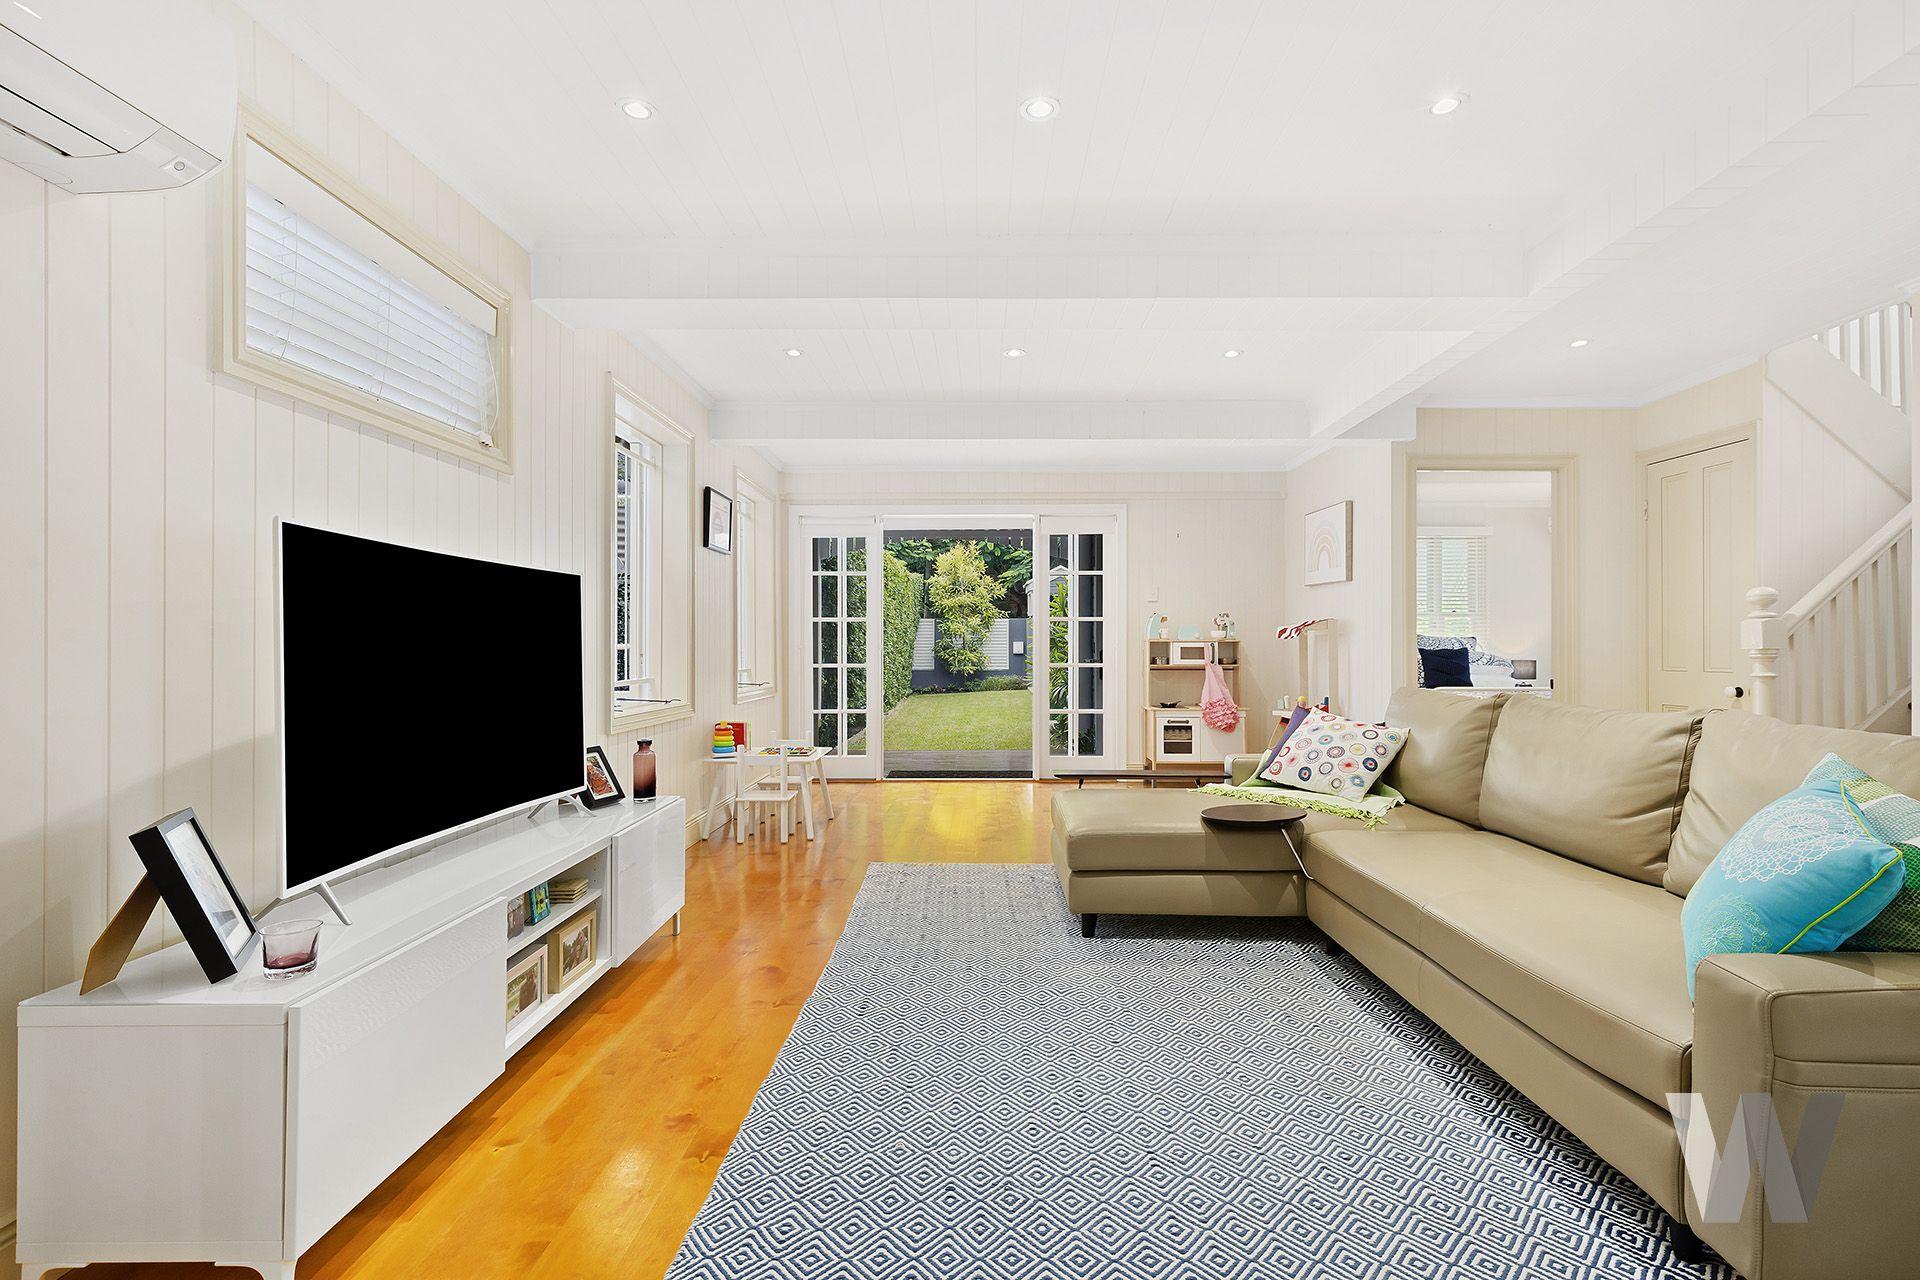 38A Armstrong Terrace Paddington 4064